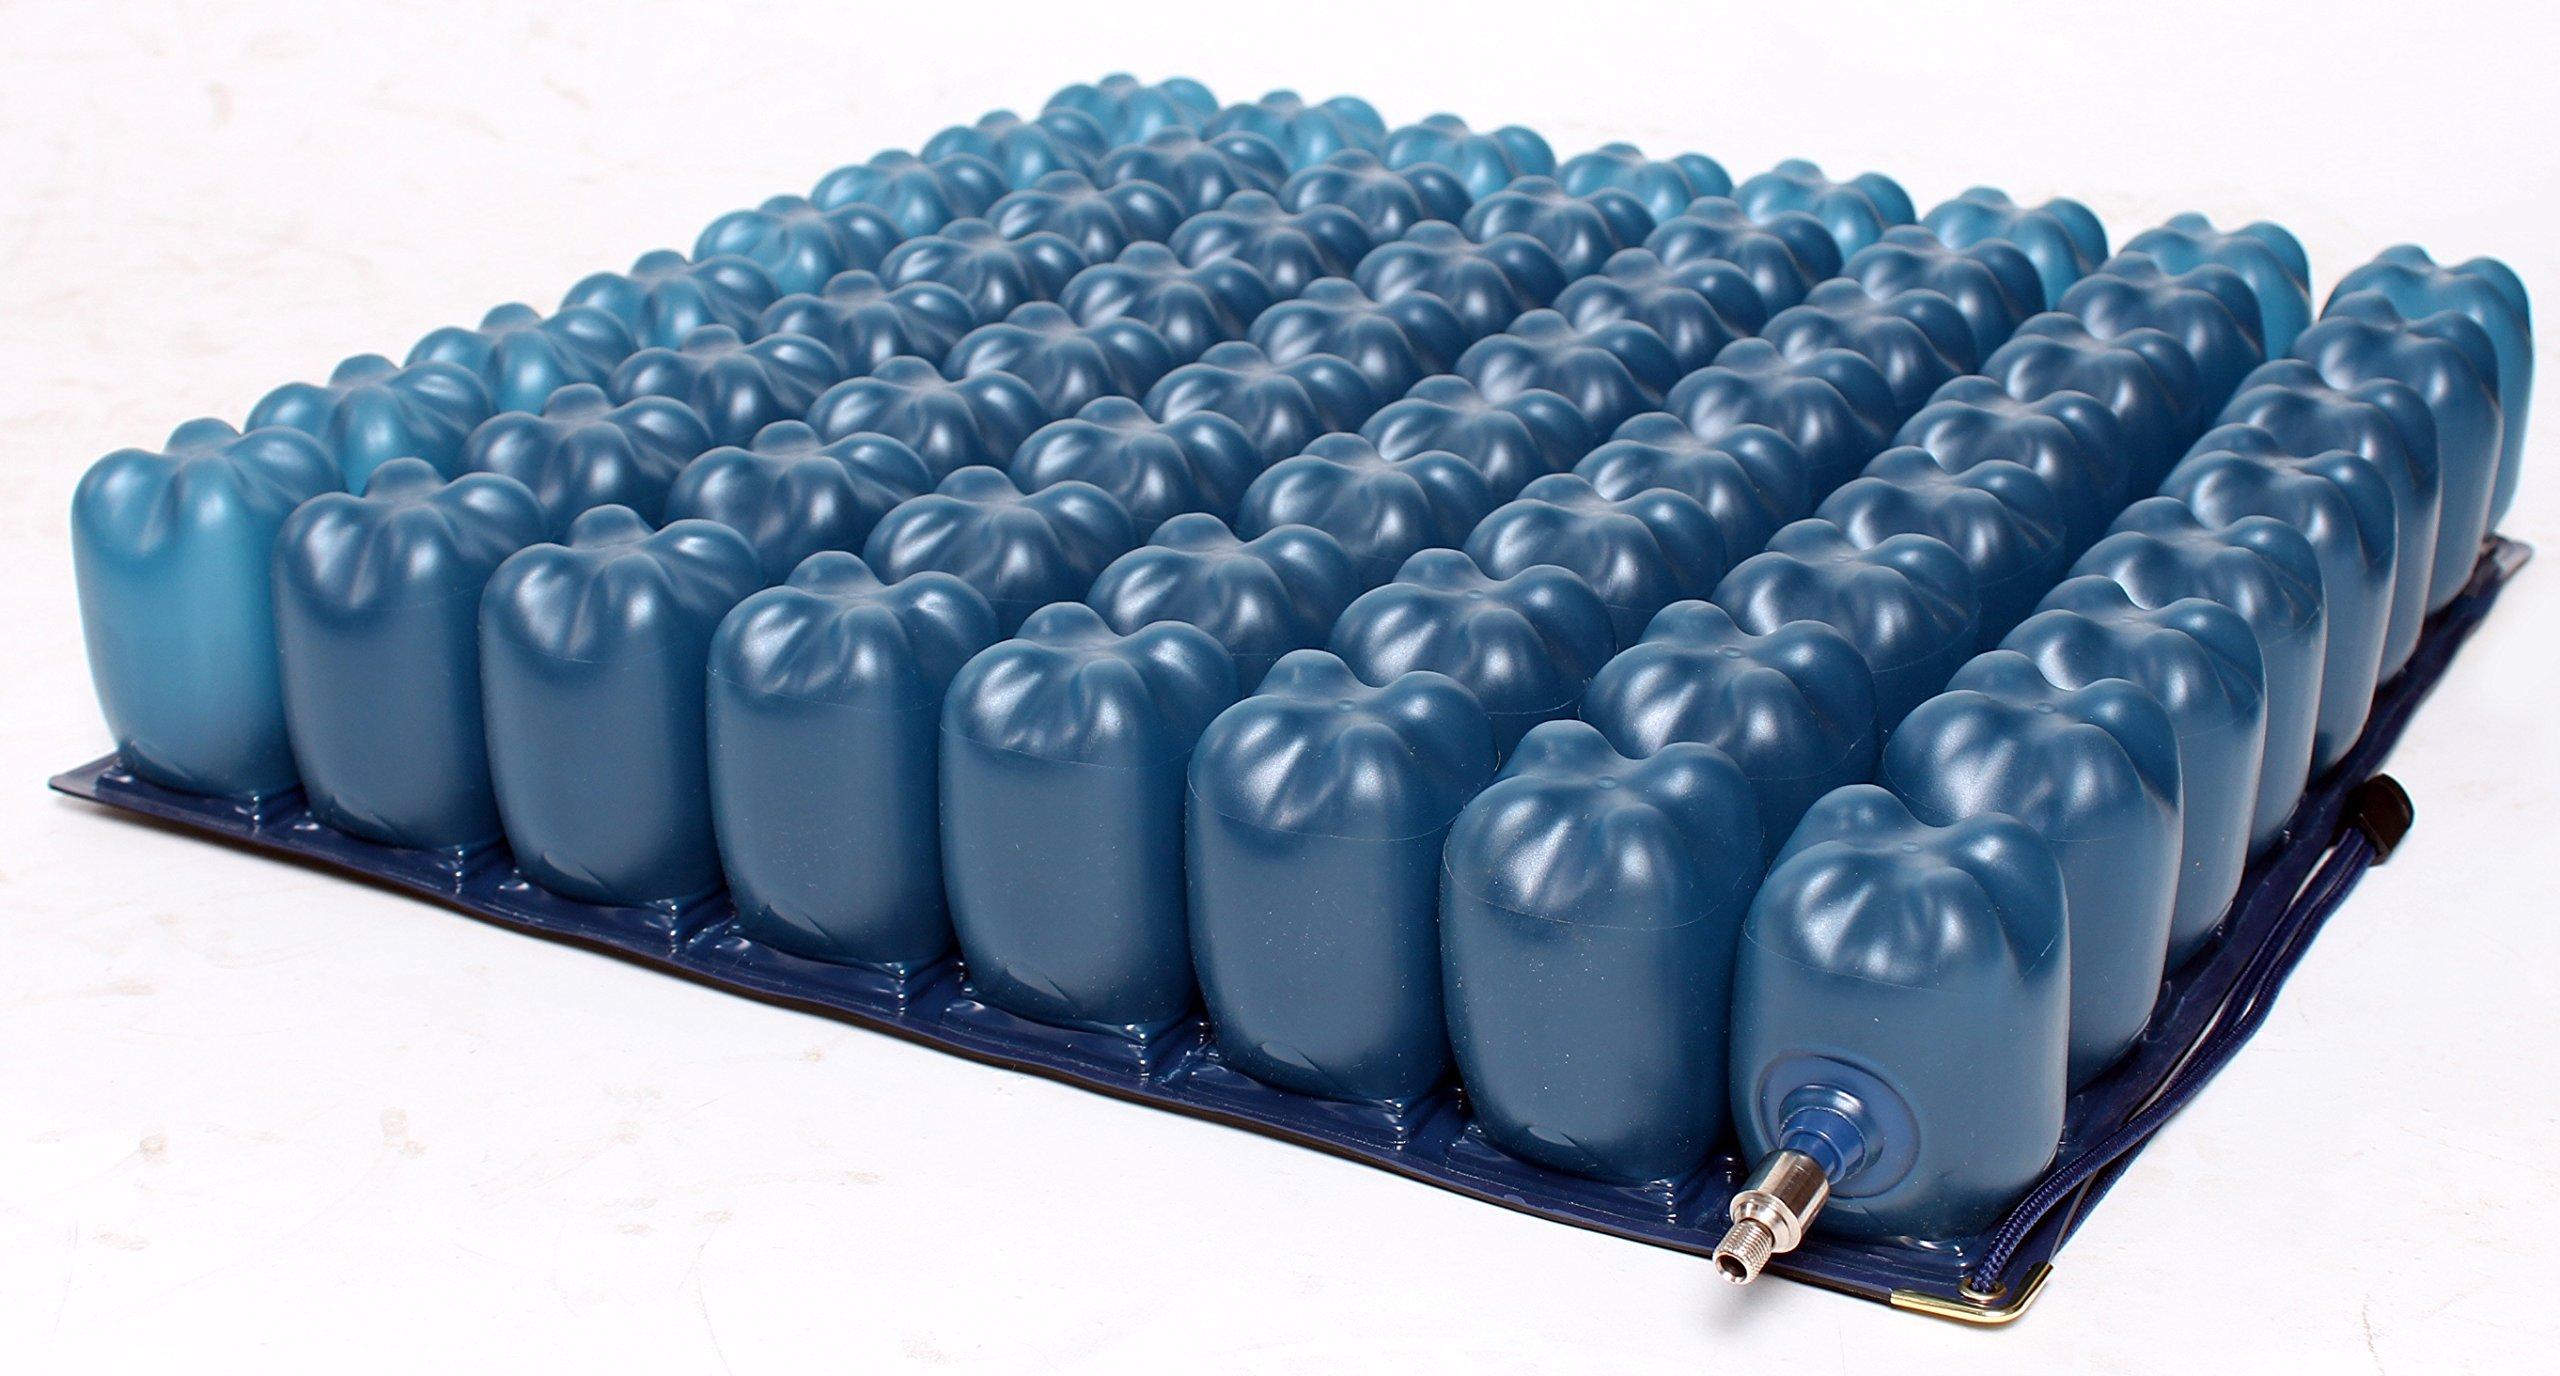 Kolbs Cushions Air Cell Low Profile Wheelchair Seat Cushion, 16 by 16 Inch